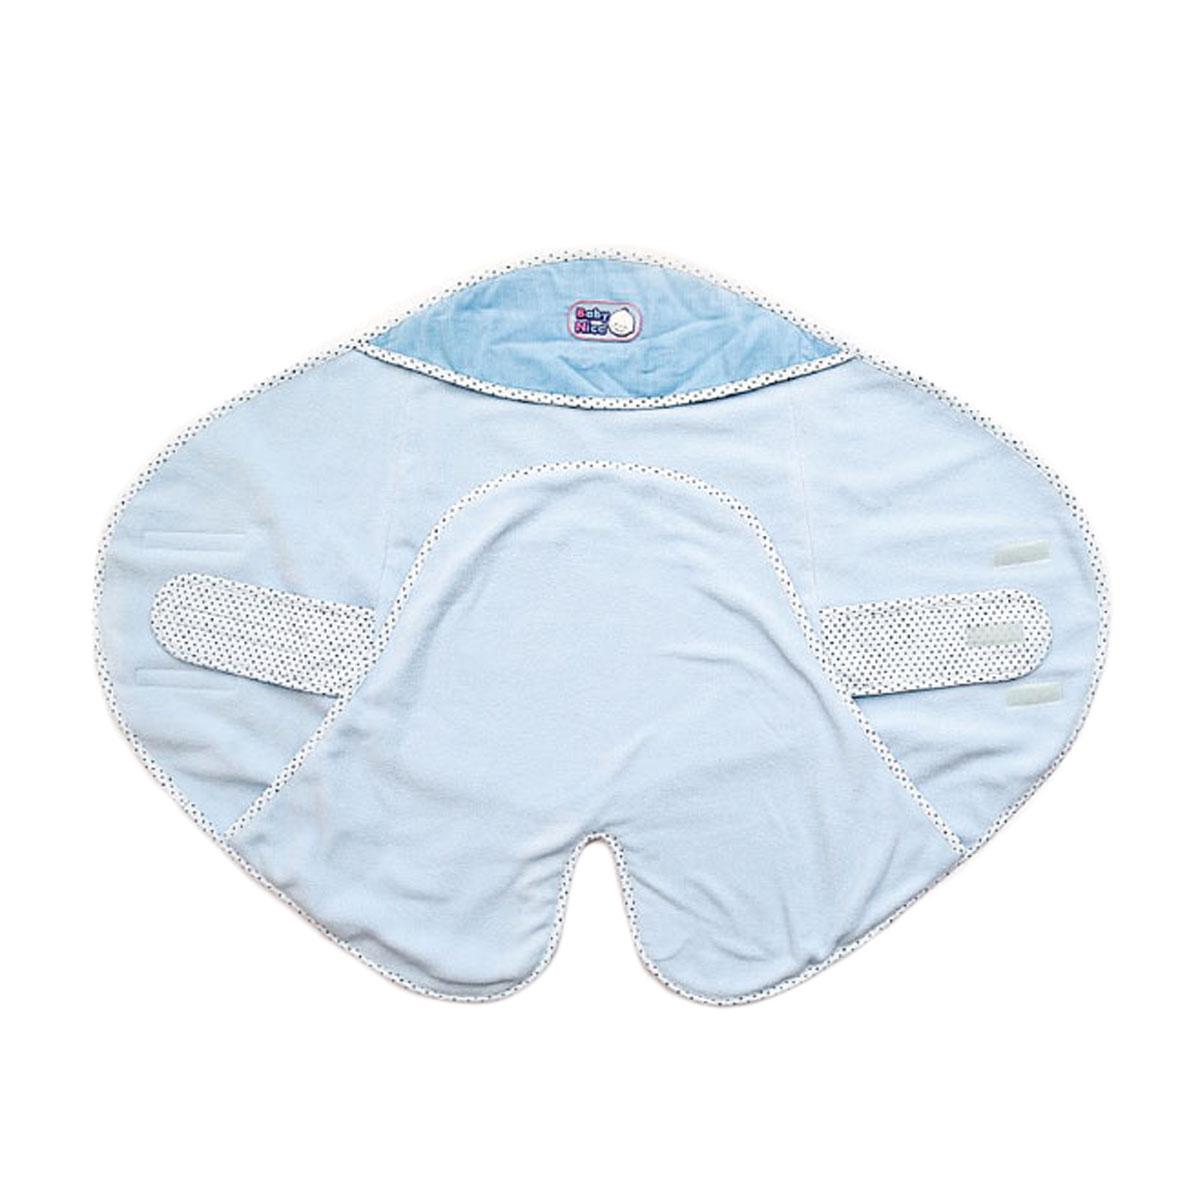 Е115048Теплый и уютный конверт Baby Nice станет незаменимым предметом детского гардероба. Двухслойный конверт выполнен из мягкого и приятного на ощупь вельвета (100% хлопка) на подкладке из теплого мягкого флиса. Гипоаллергенный конверт максимально функционален в использовании, благодаря своей специально разработанной конструкции: внутри вшиты удобные тканевые крепления на липучке, которые обхватывают ребенка, надежно фиксируют на его поясе конверт, обеспечивая плотное прилегание. Карманы для ног внутри позволяют вашему малышу всегда держать ножки в тепле. Также предусмотрен капюшон, которым можно воспользоваться в случае необходимости или в ветреную погоду. Благодаря липучкам можно регулировать ширину конверта. Оформлено изделие контрастными бейками, украшенными гороховым принтом, а также оригинальной нашивкой с названием бренда. Такой конверт - очень комфортная одежда для младенца при любых погодных условиях.